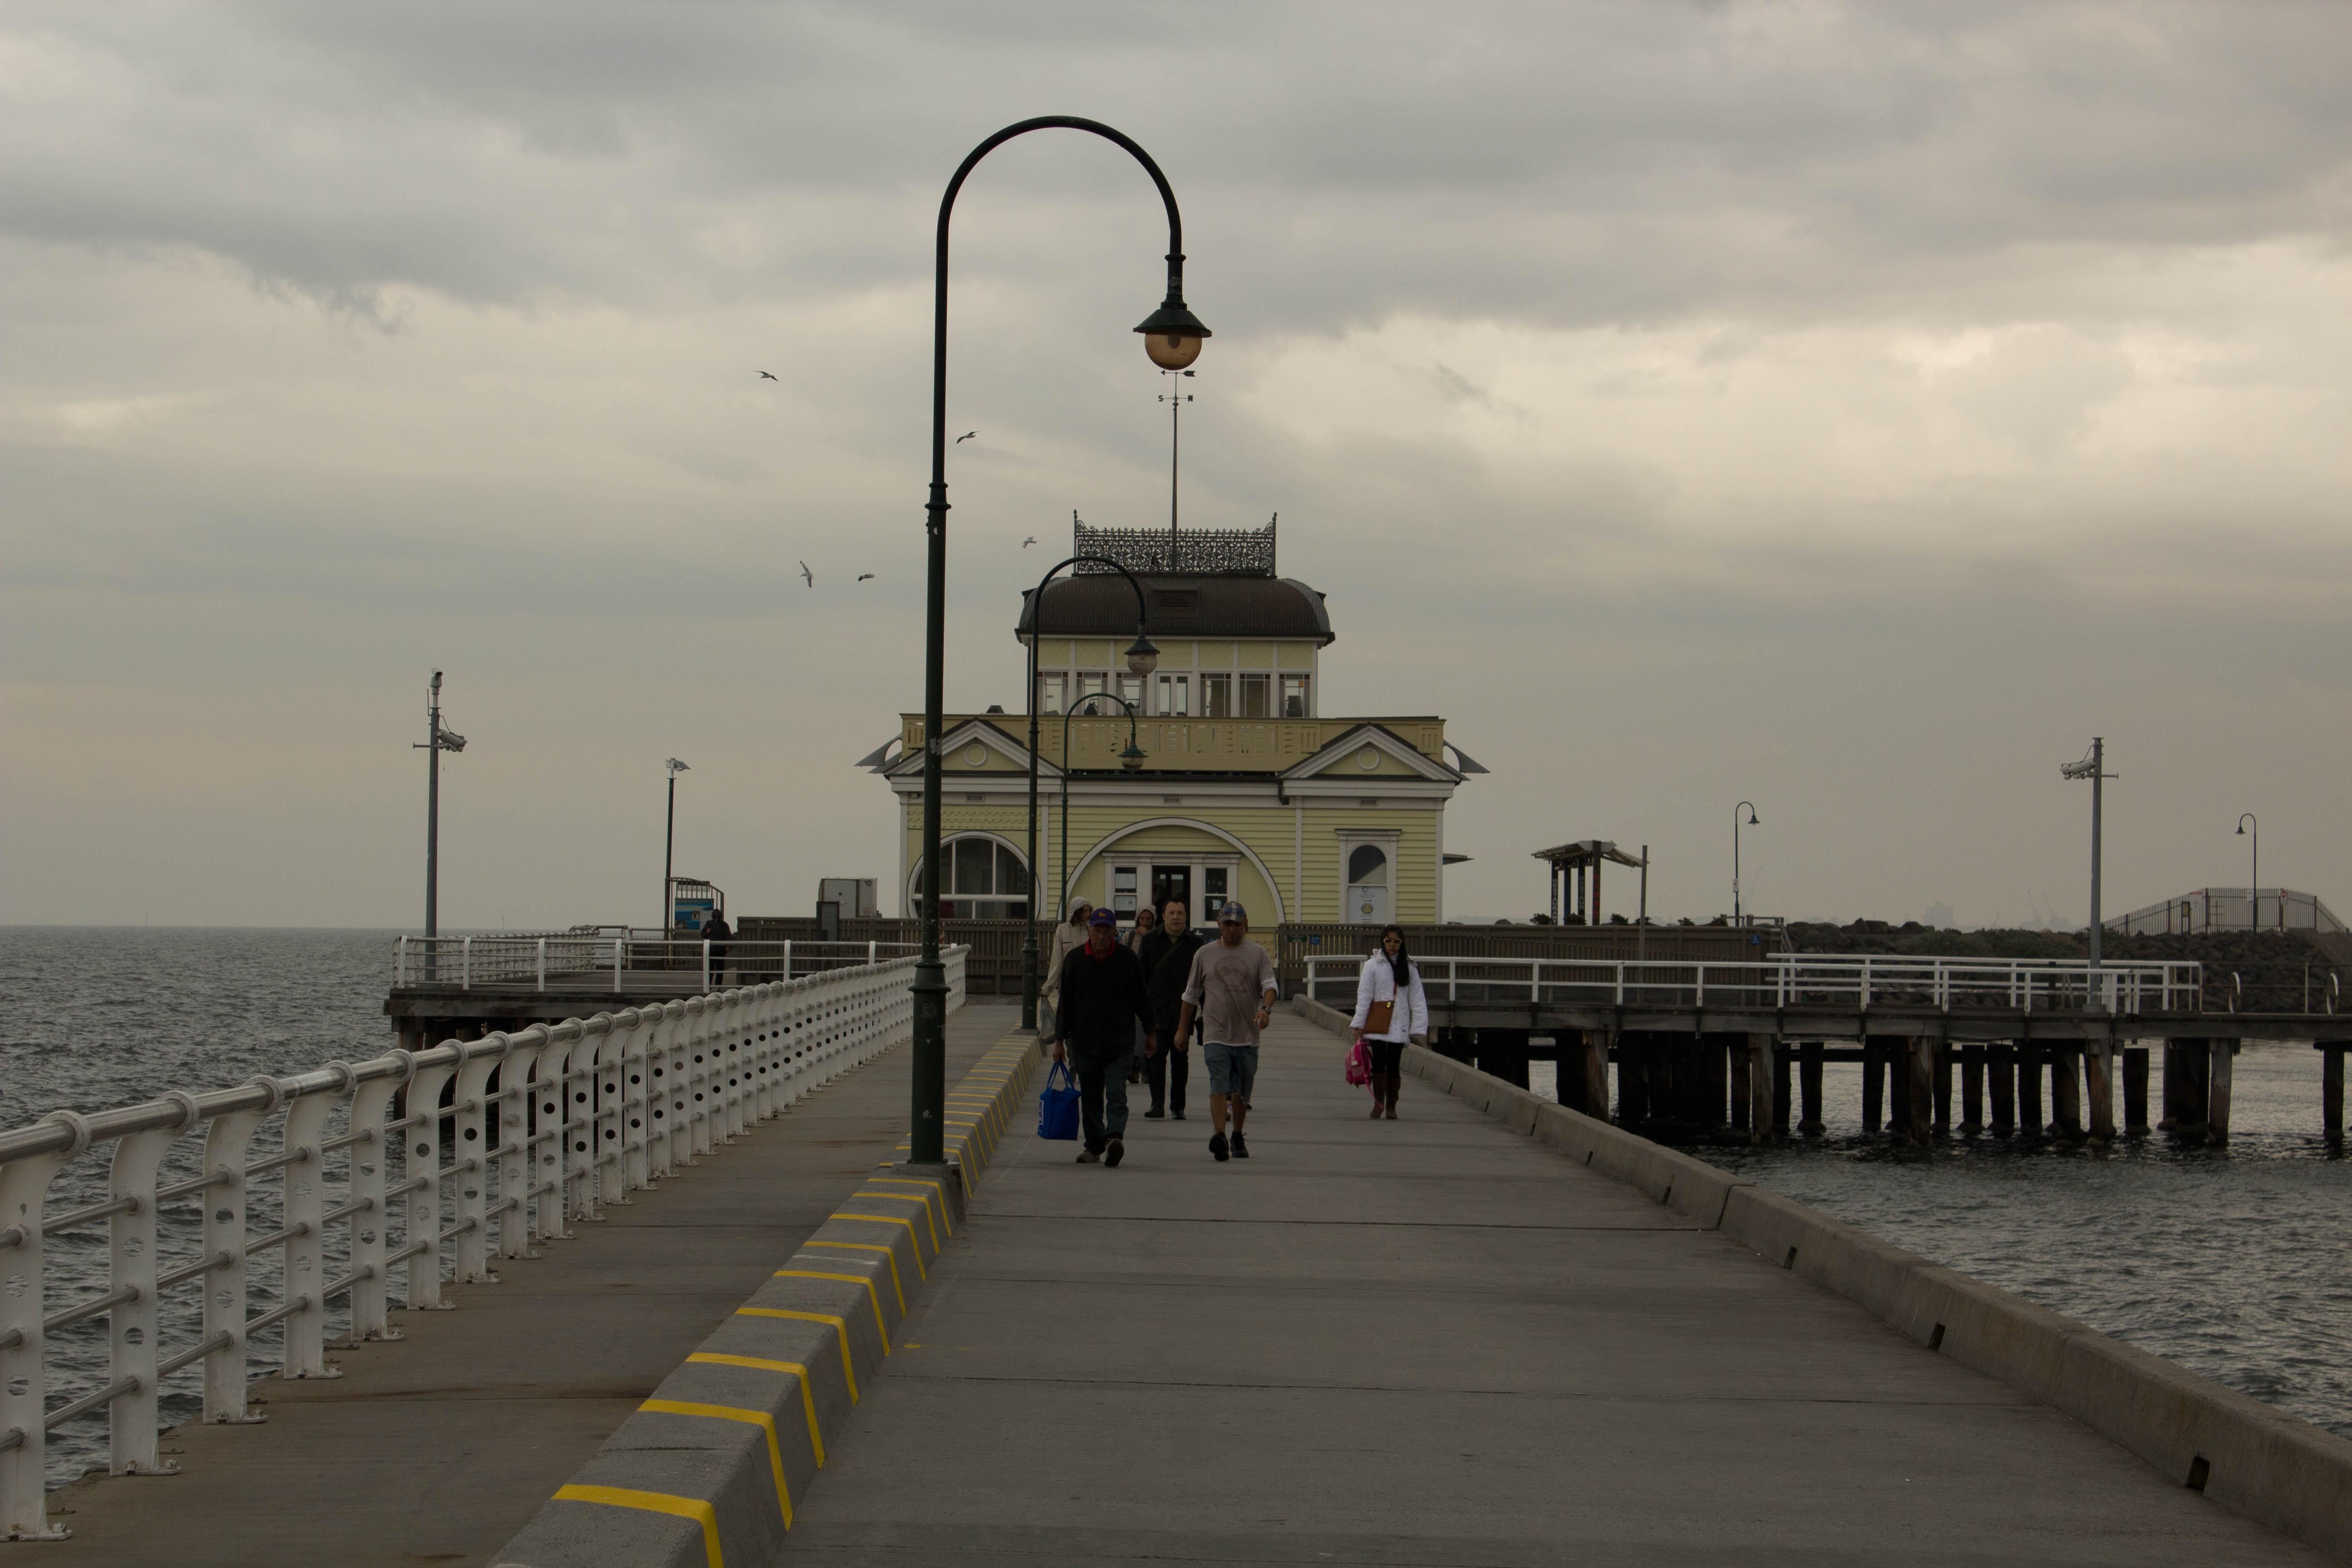 Melbourne Australia and St. Kilda Beach VIC